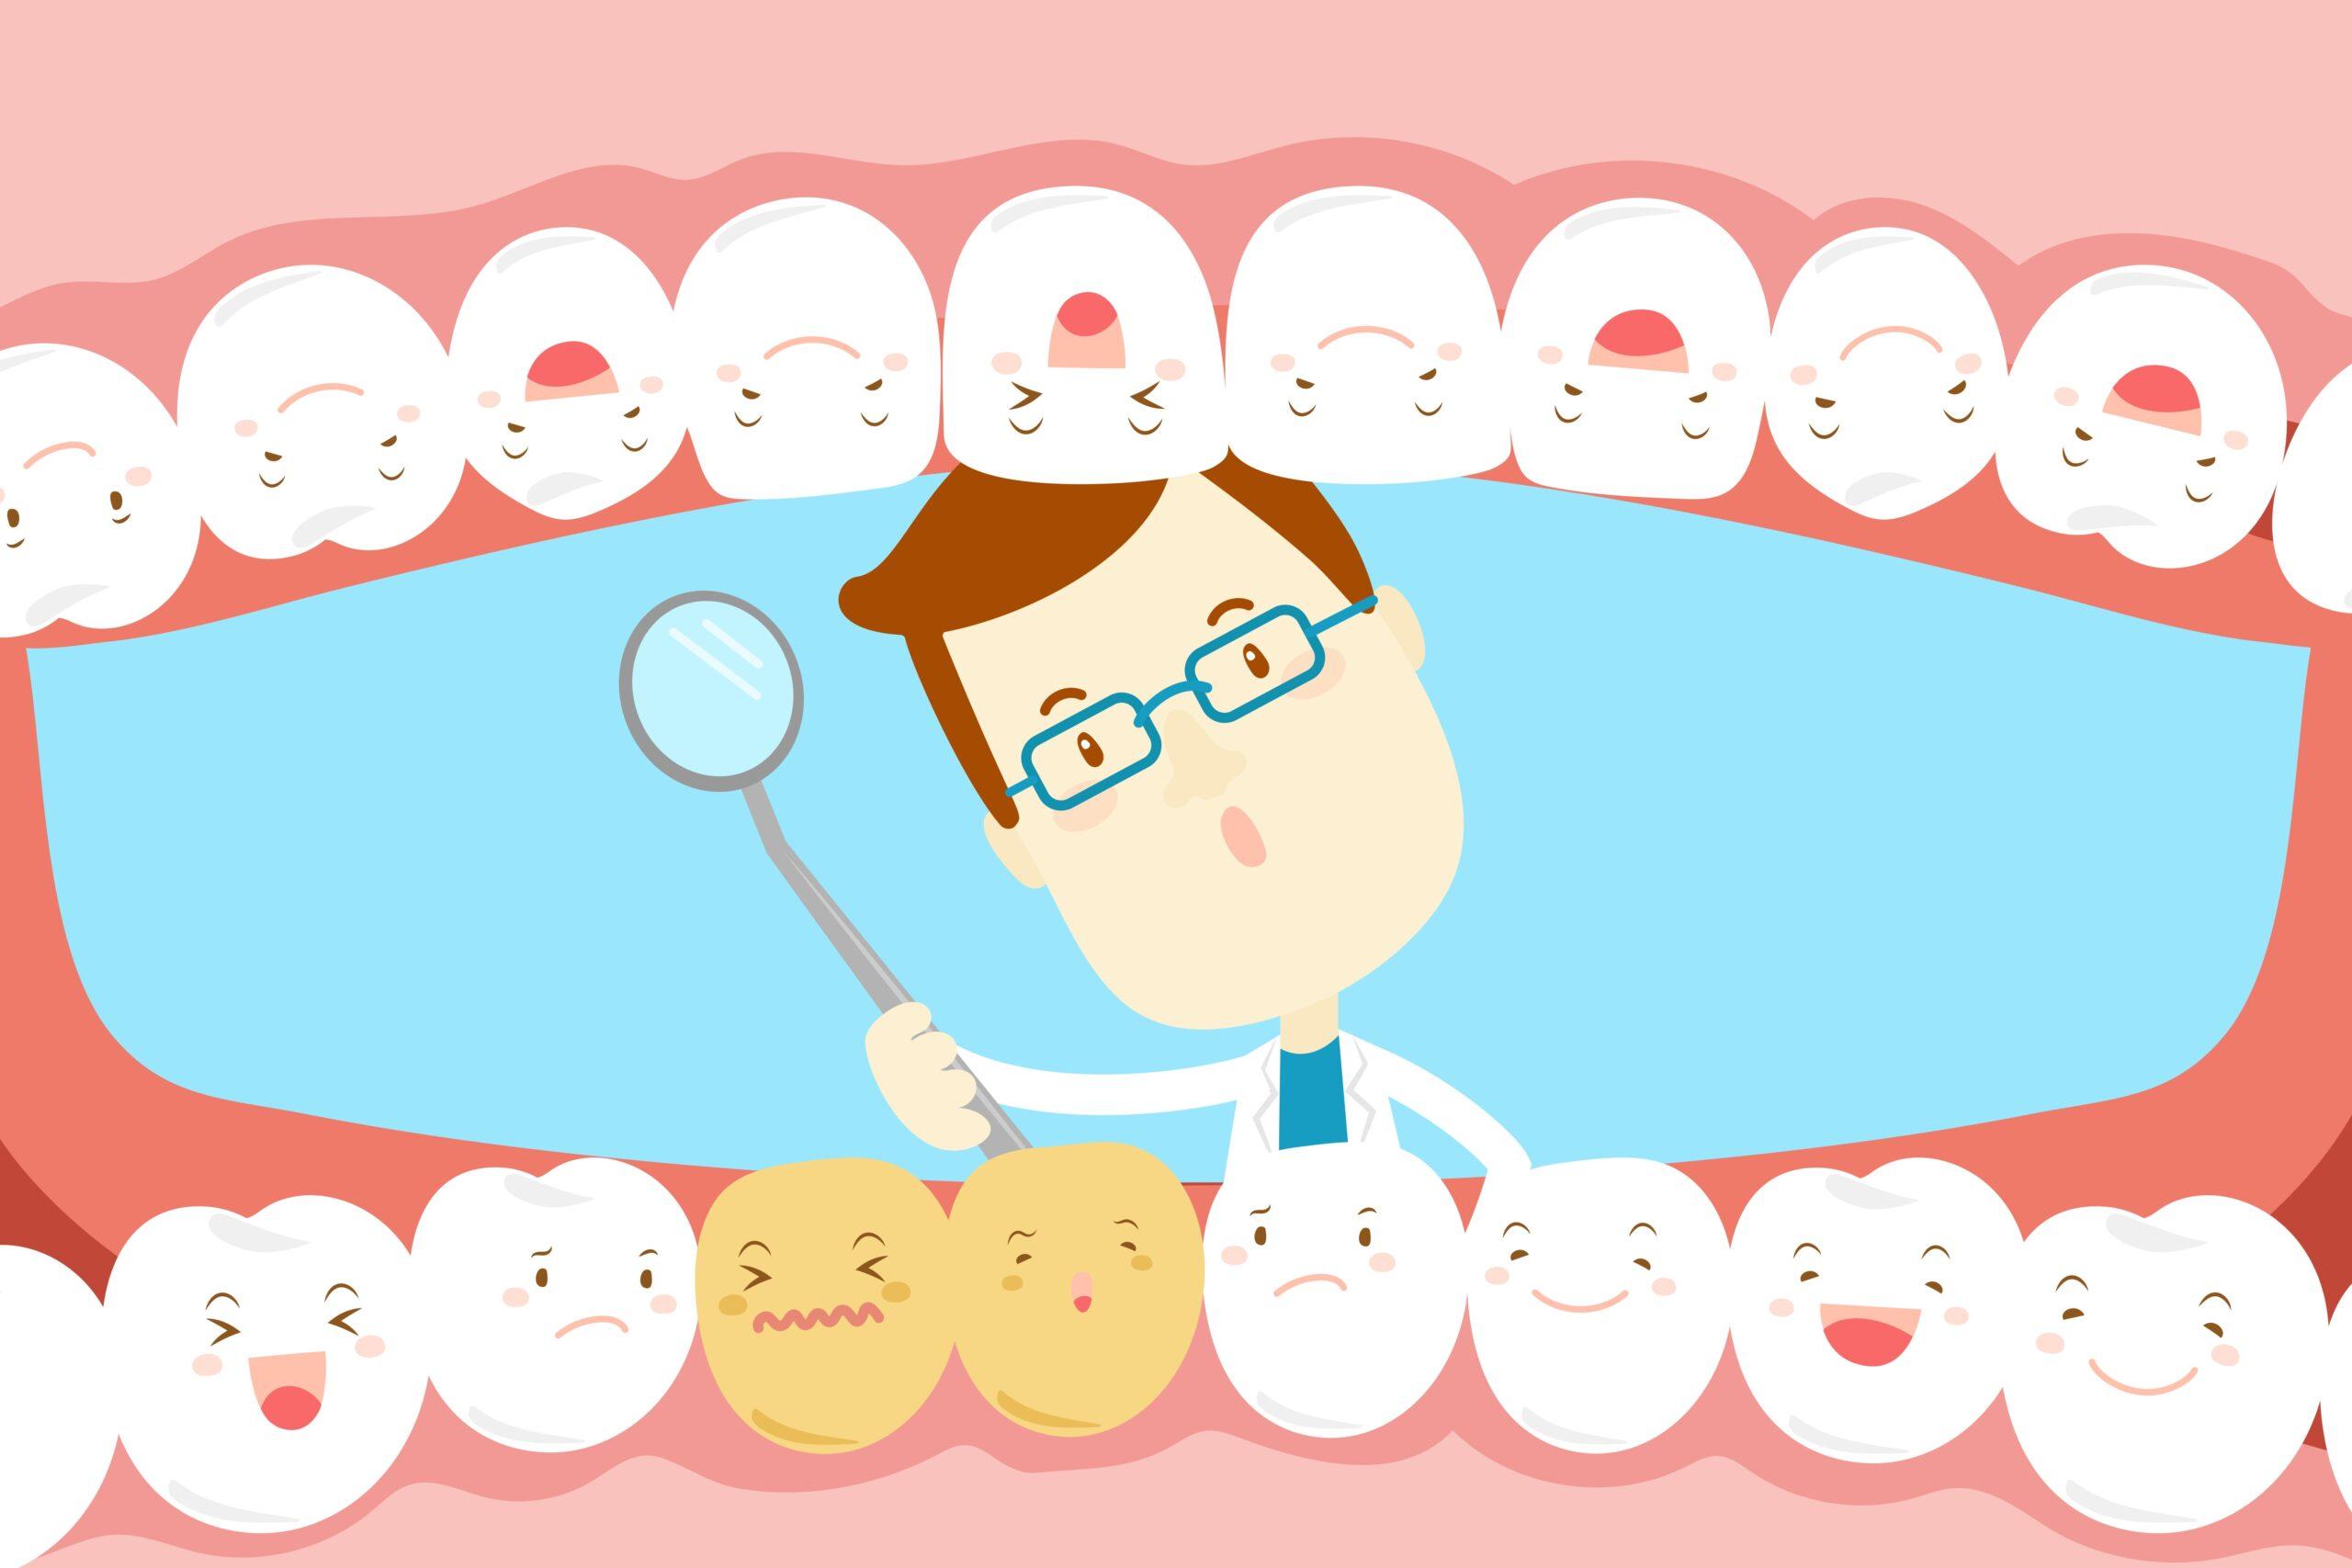 「国民皆歯科健診」が初めて自民党の公約に盛り込まれました。